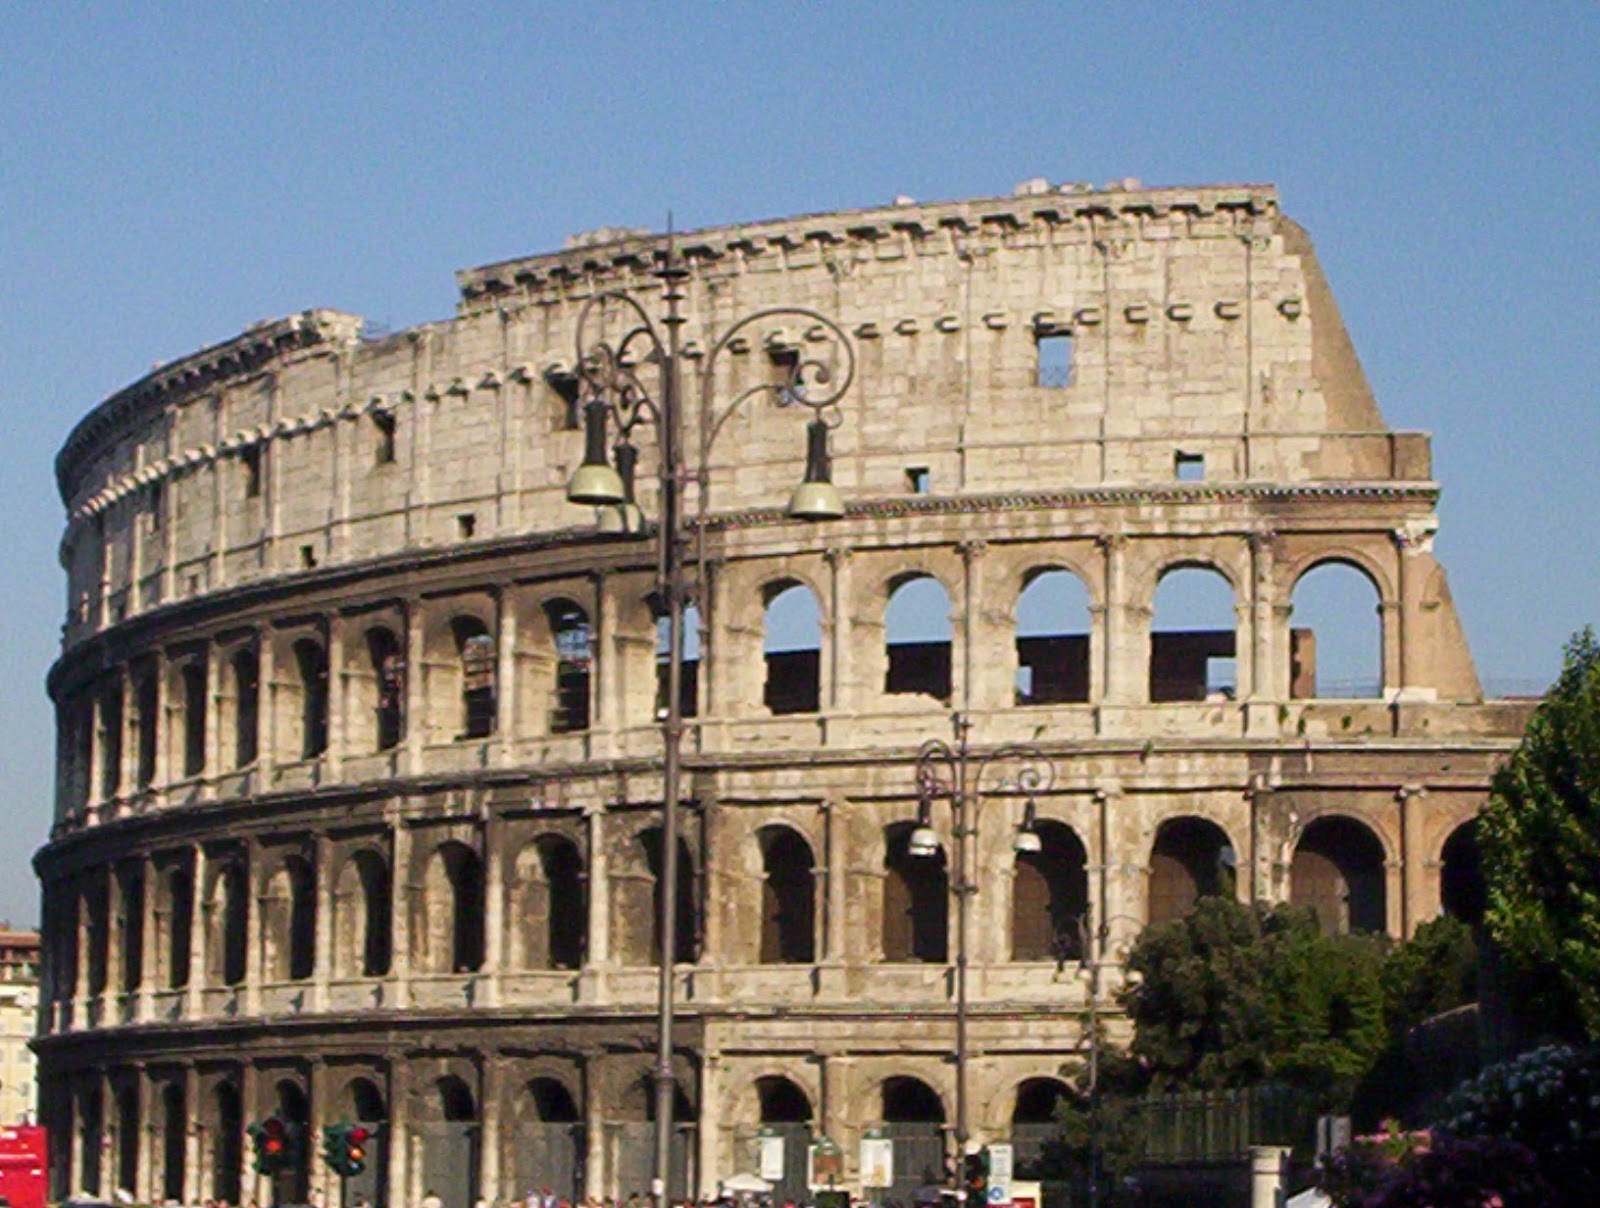 Colosseum-Rome-2006-Sealiberty